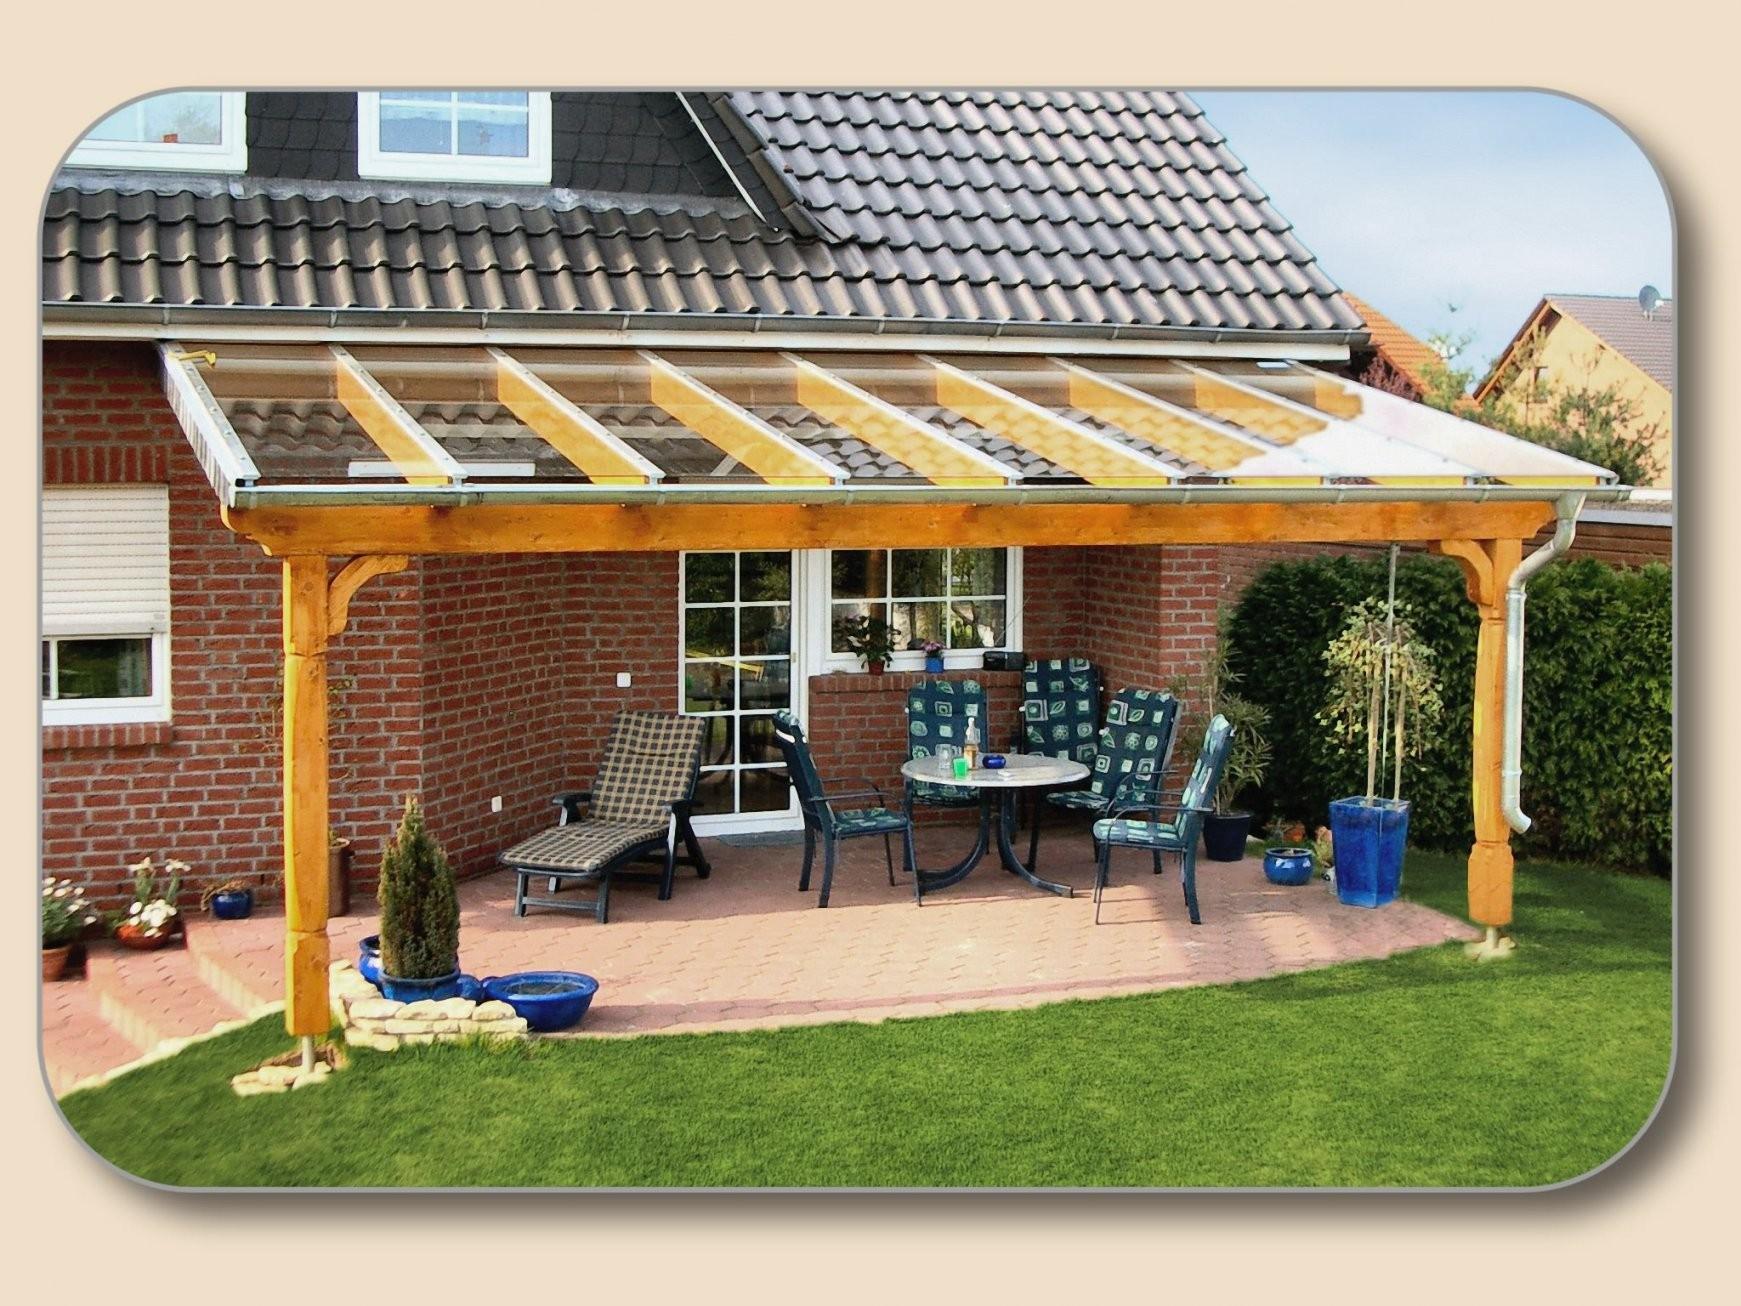 Überdachung Holz Und Glas Bausatz Preise – Hersteller Holzon von Terrassenüberdachung Selber Bauen Video Bild